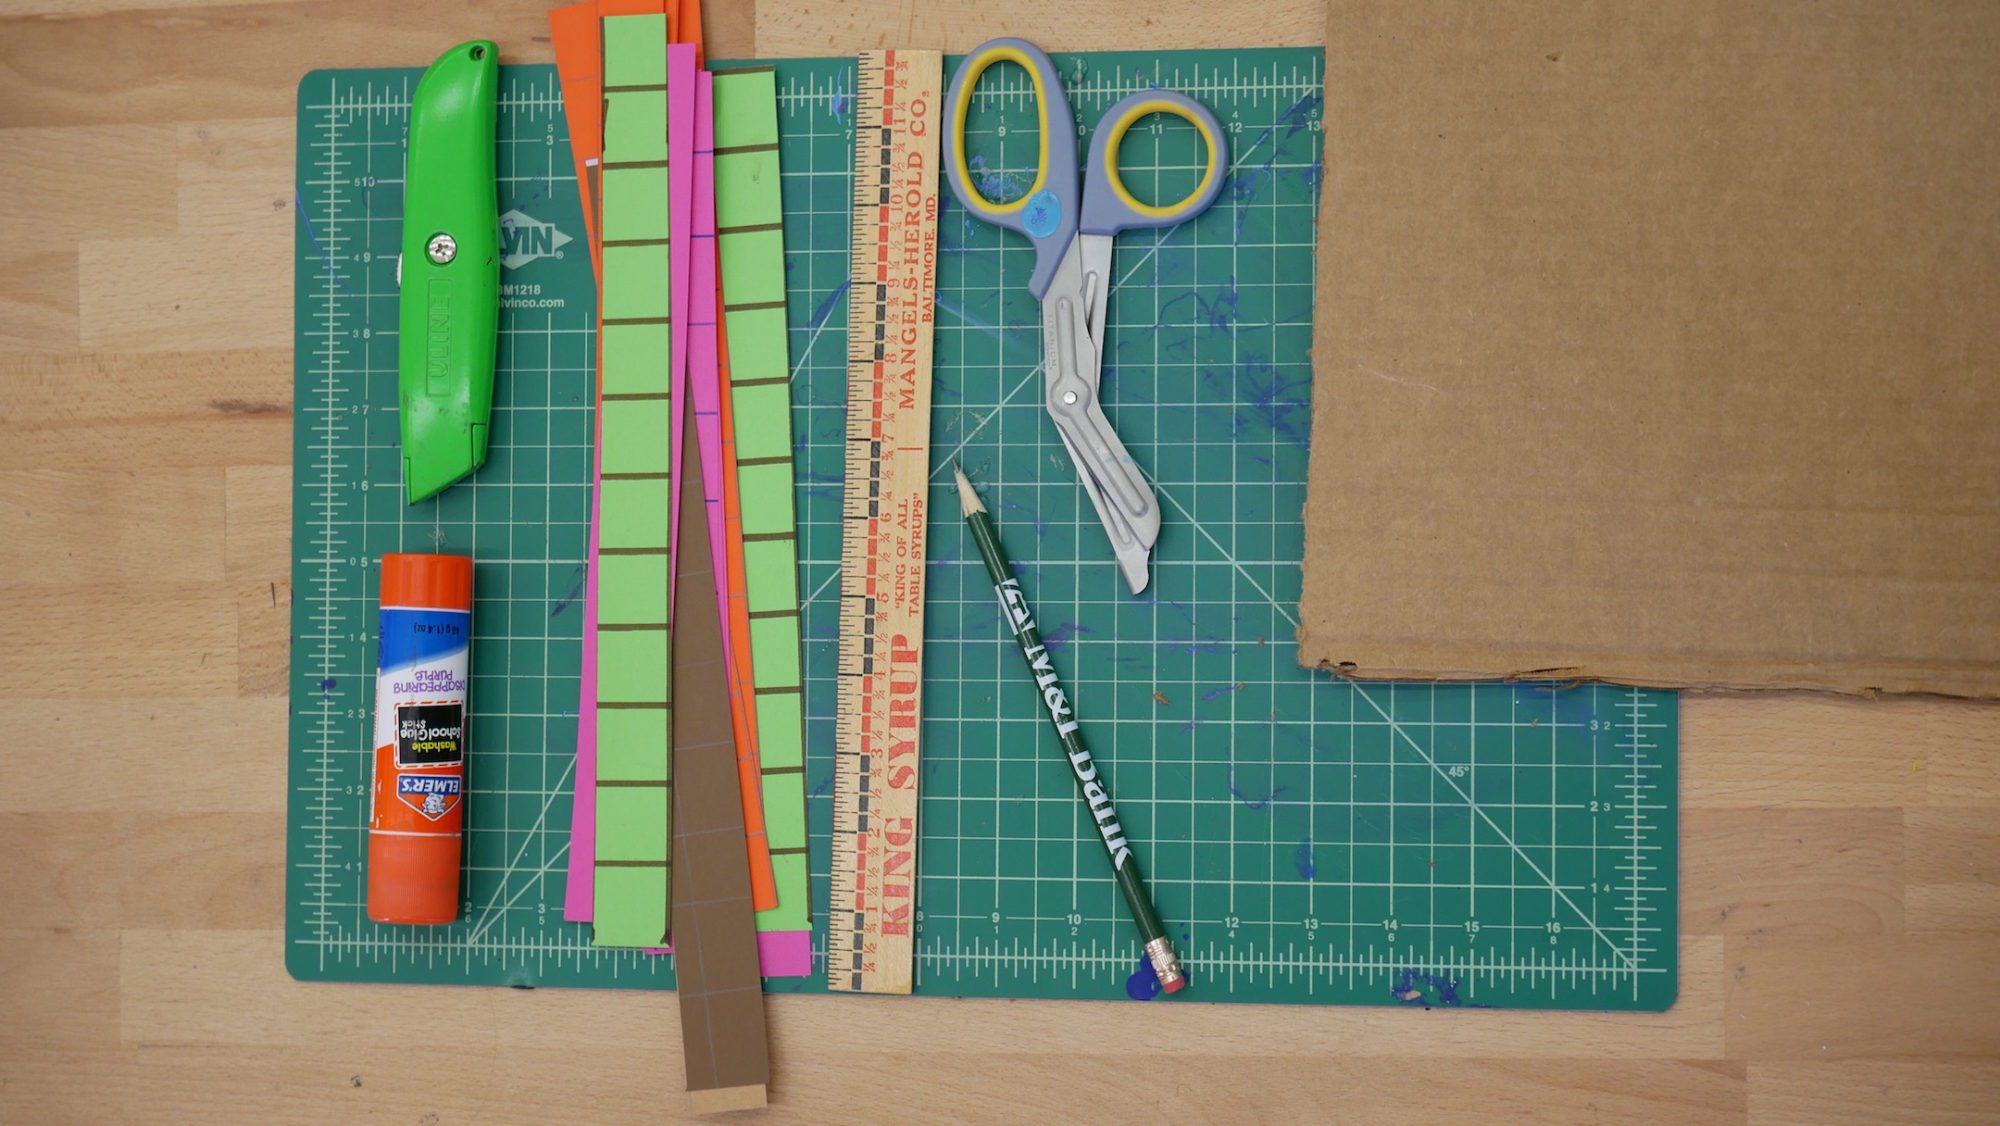 student pixel art project materials